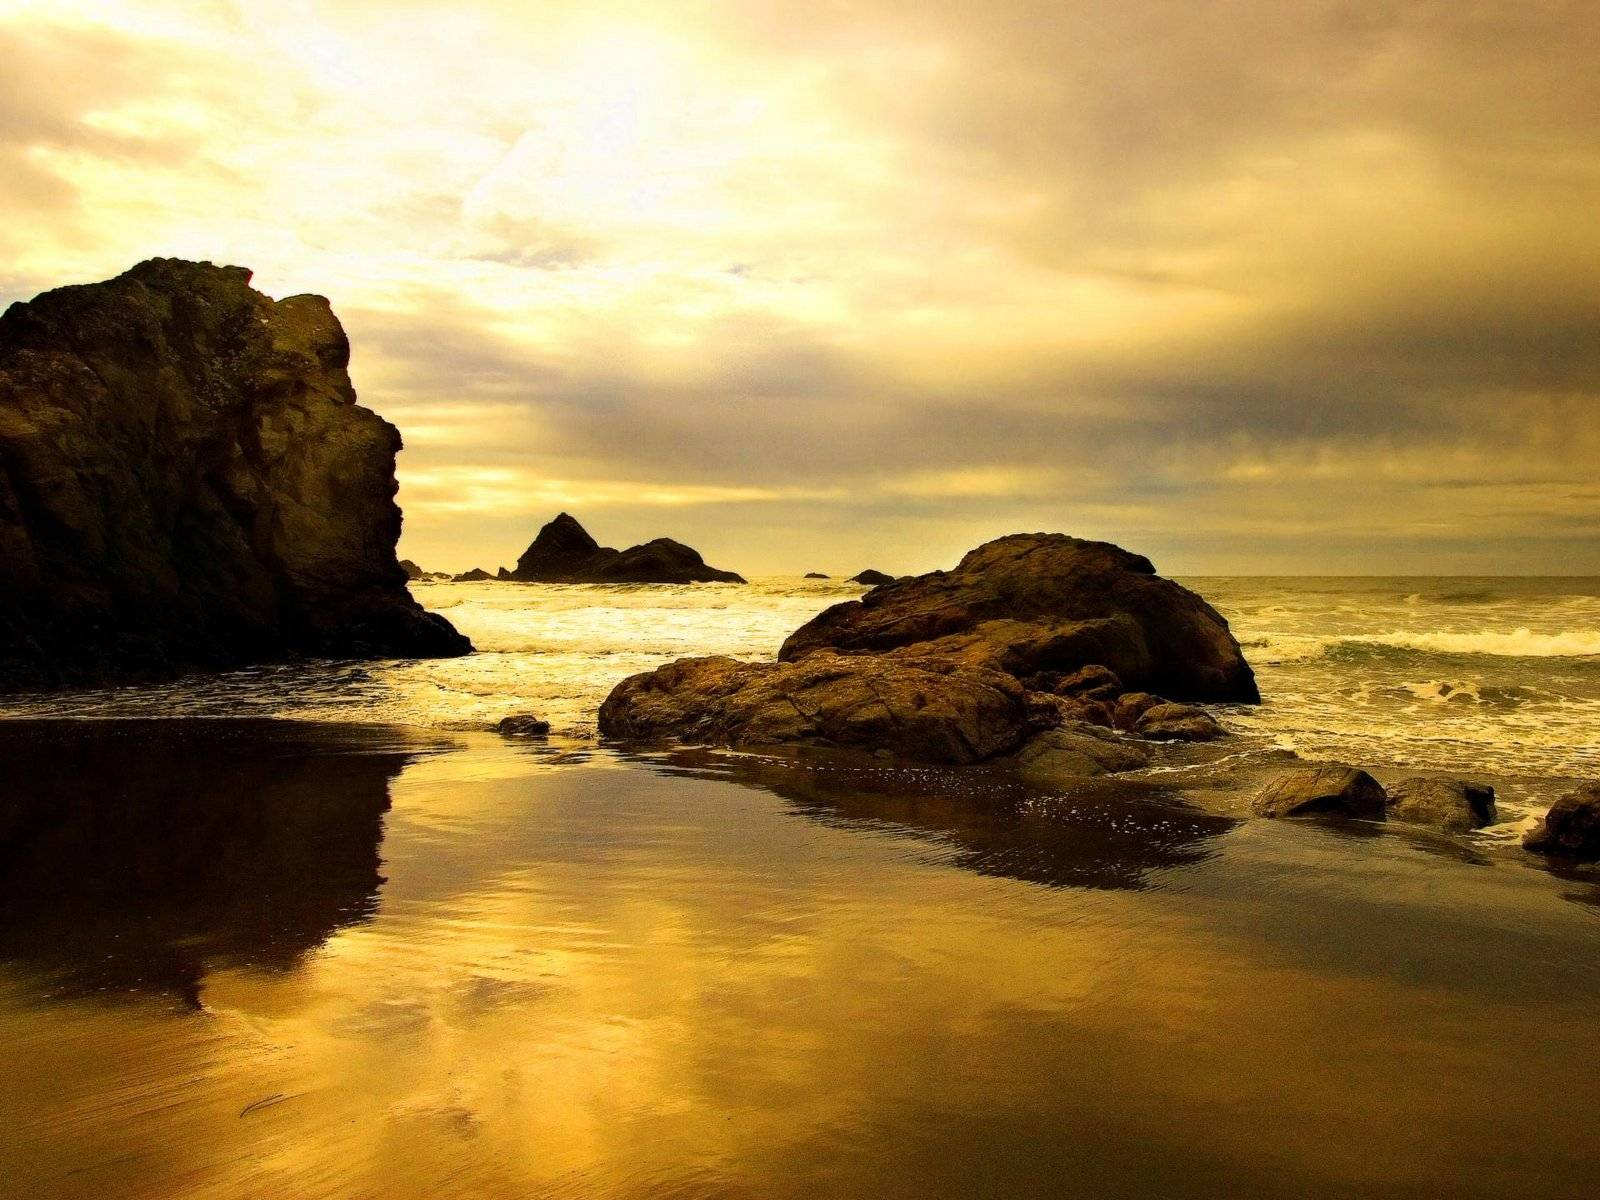 http://4.bp.blogspot.com/_2fTNSLY4qPM/TFMZ_JtWgUI/AAAAAAAAAIc/udoBnZ7ZYlY/s1600/vista-wallpaper-boulder-sunset.JPG